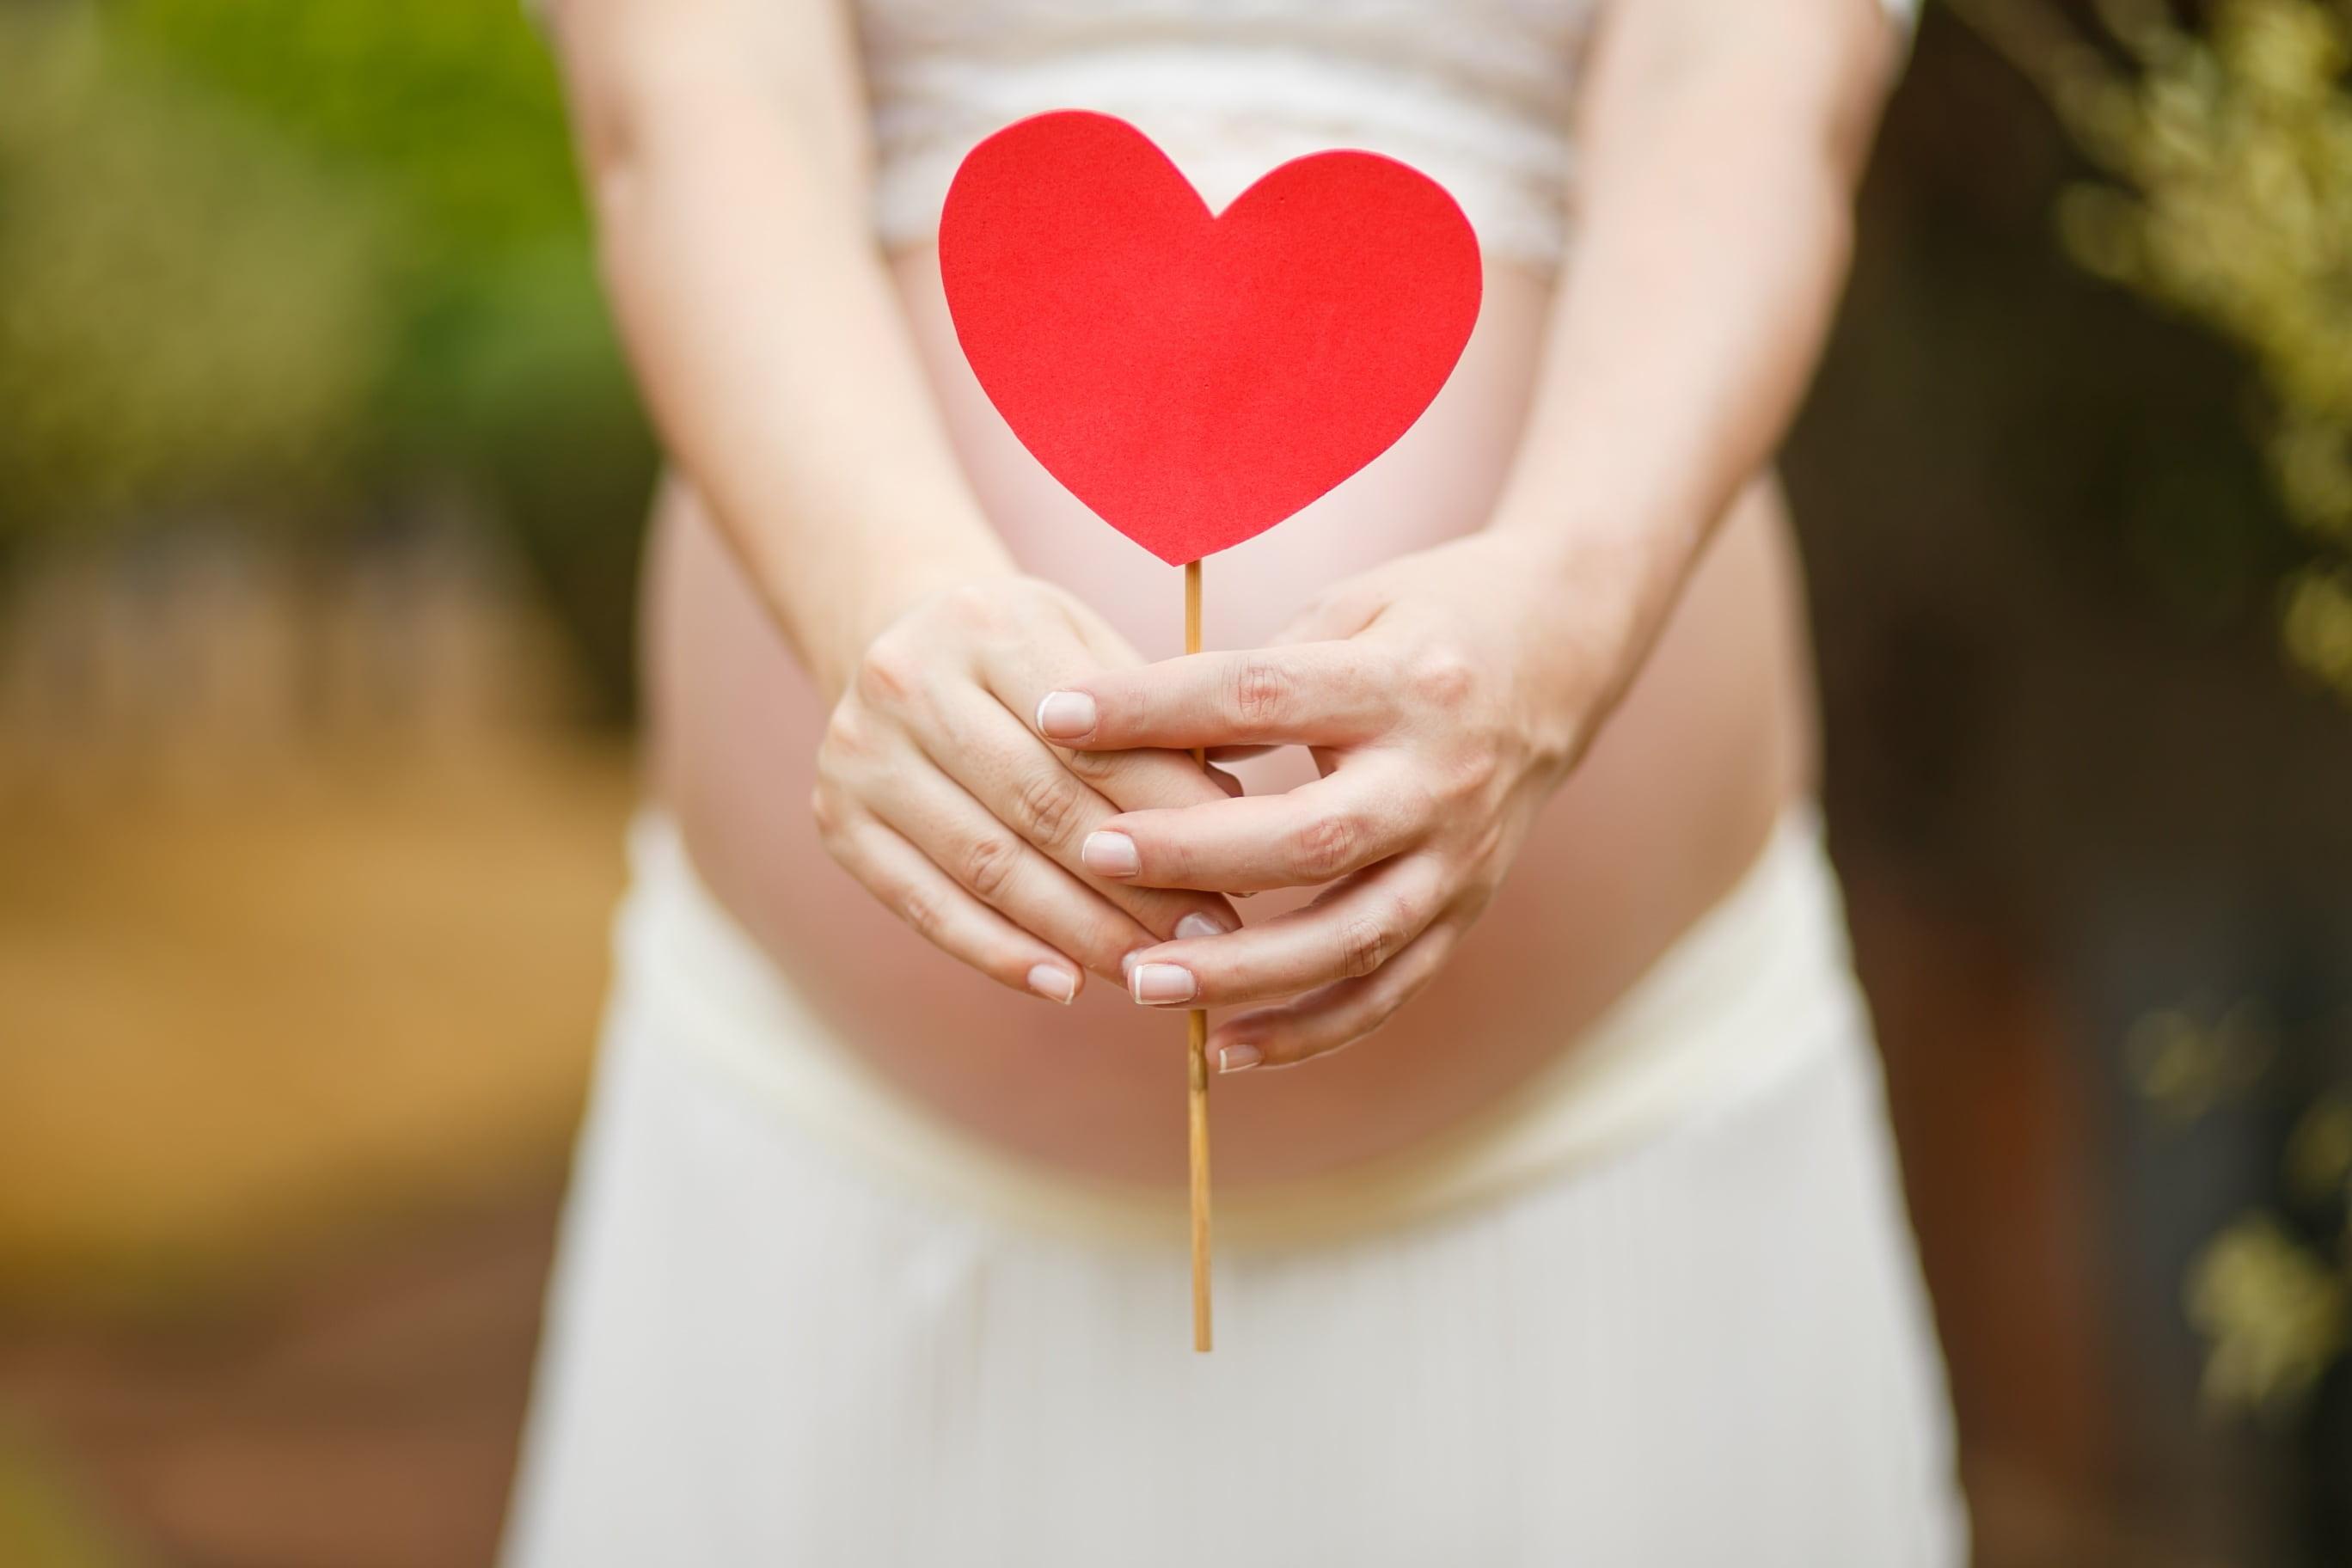 Terhességi magas vérnyomás: a nőgyógyászt kérdeztük, mik a jelek és a megoldás - Gyerek | Femina